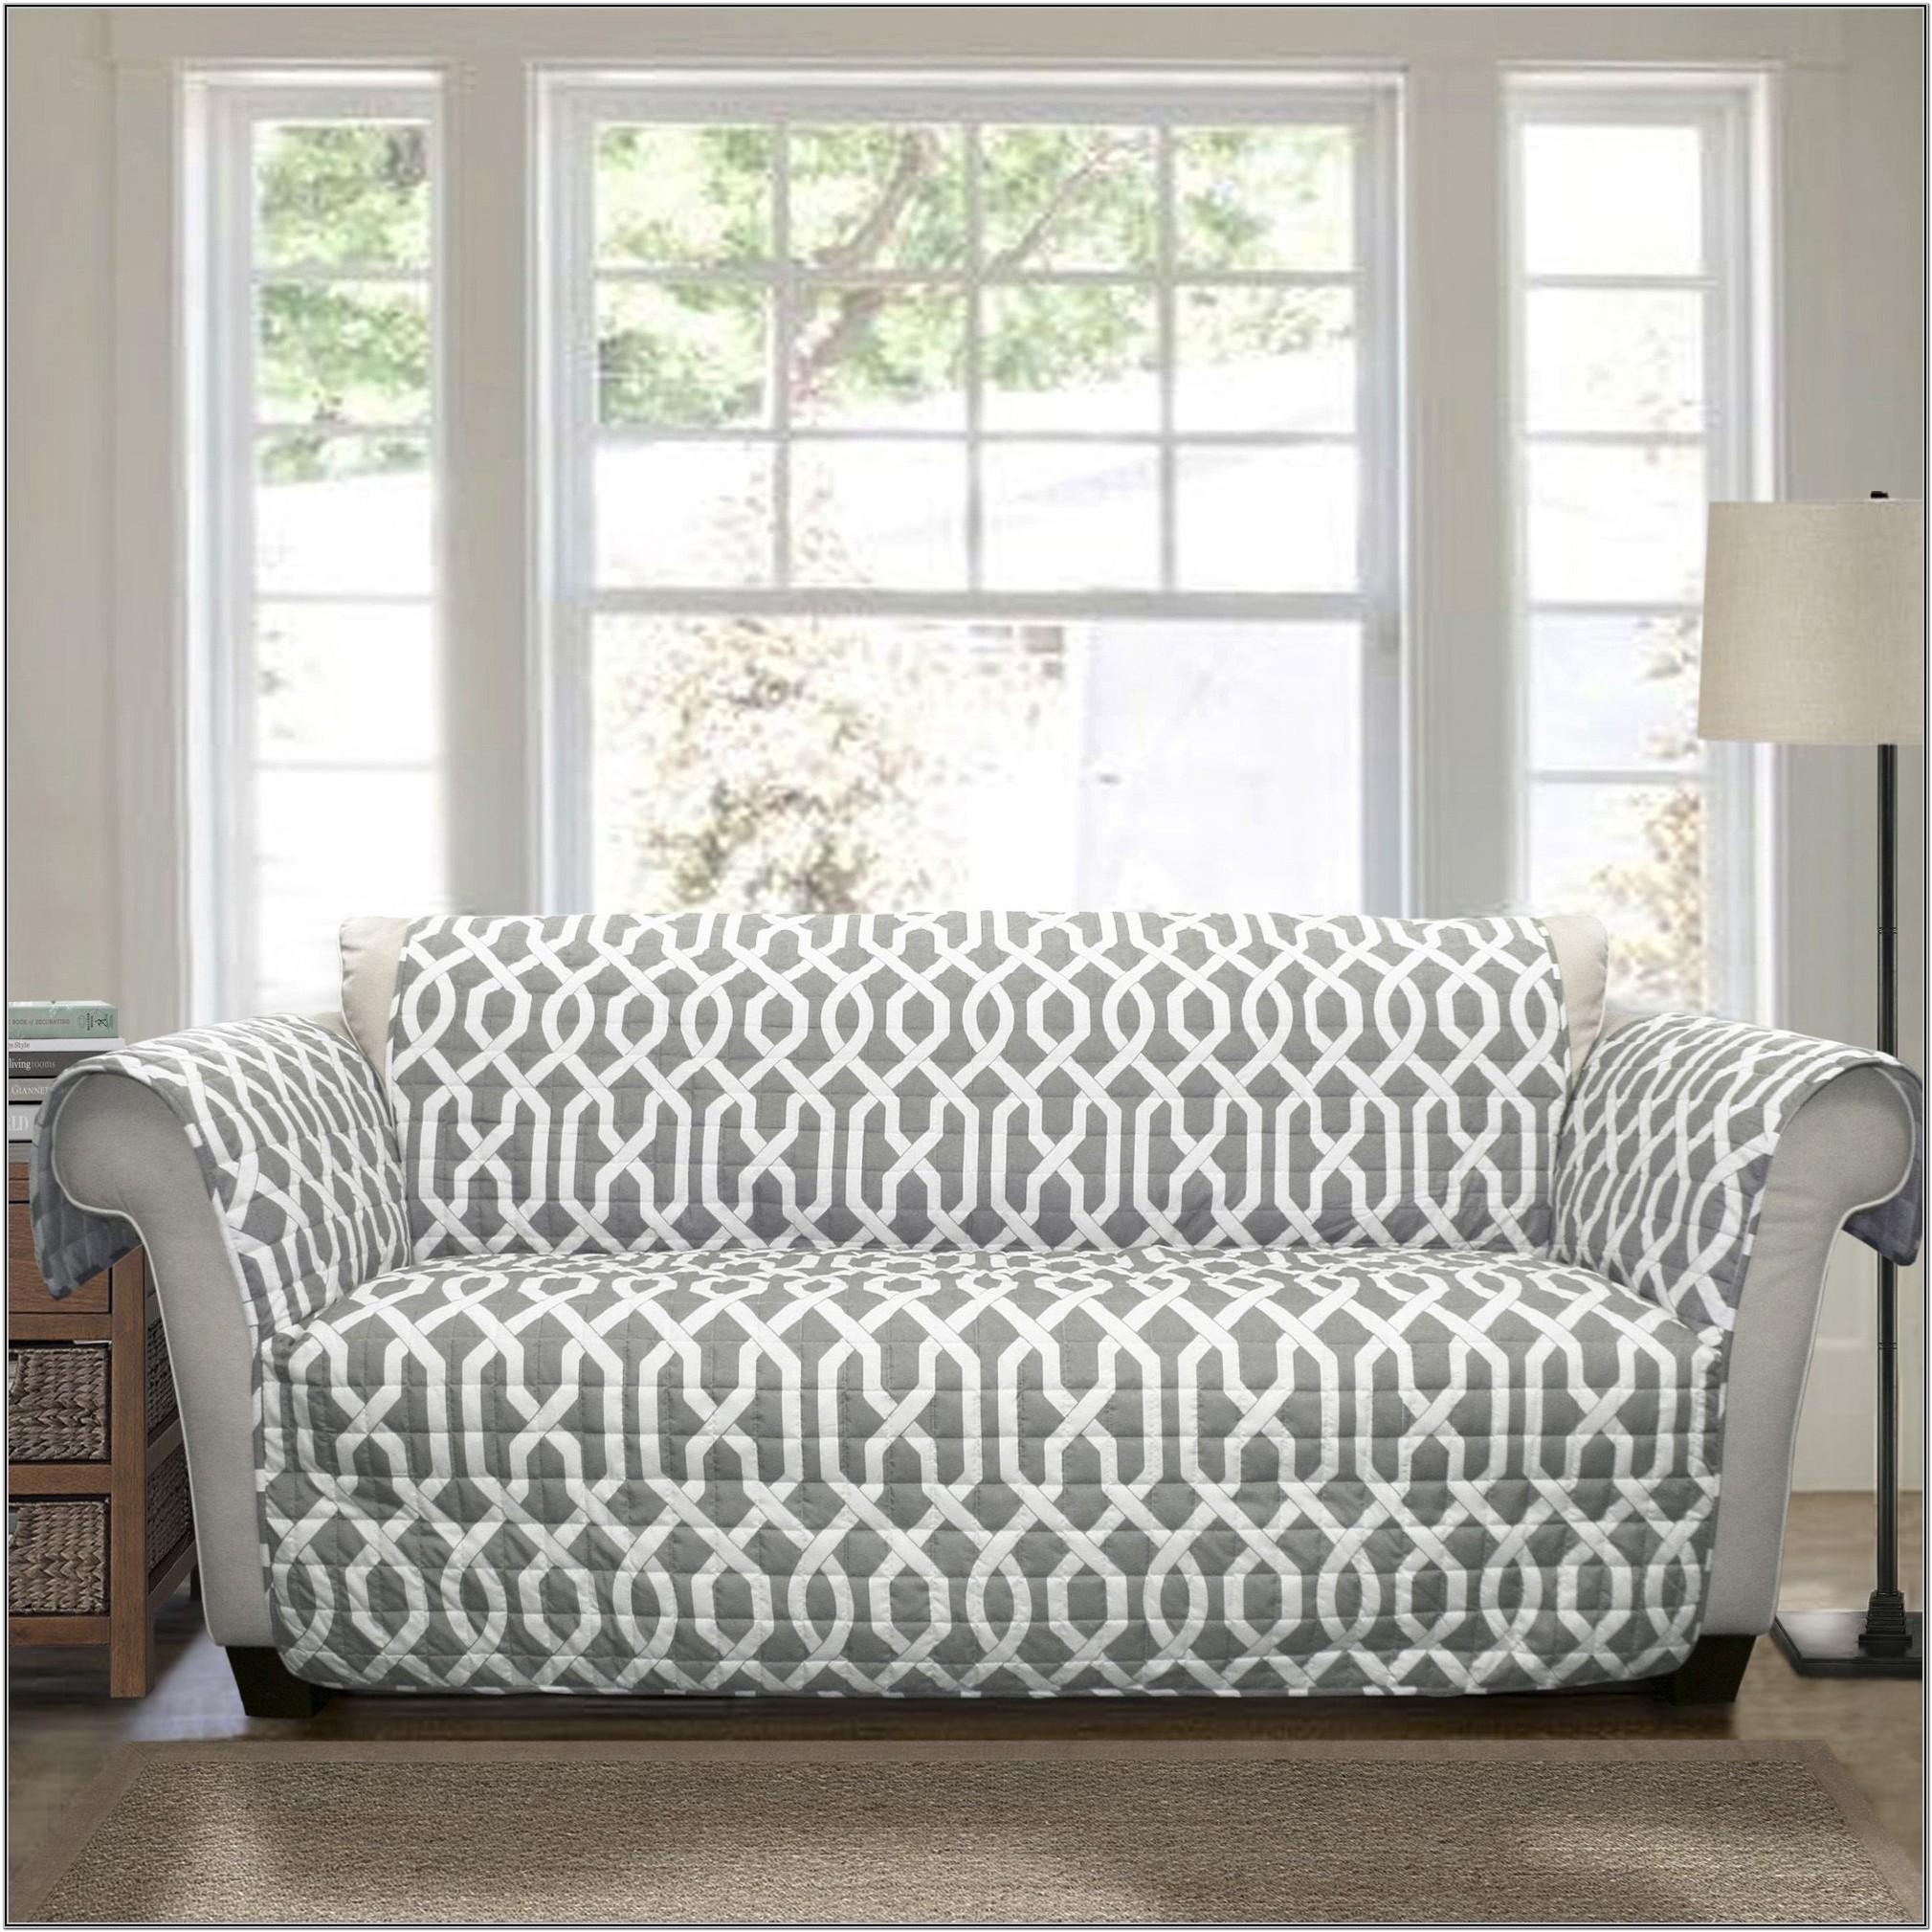 Fingerhut Living Room Curtains